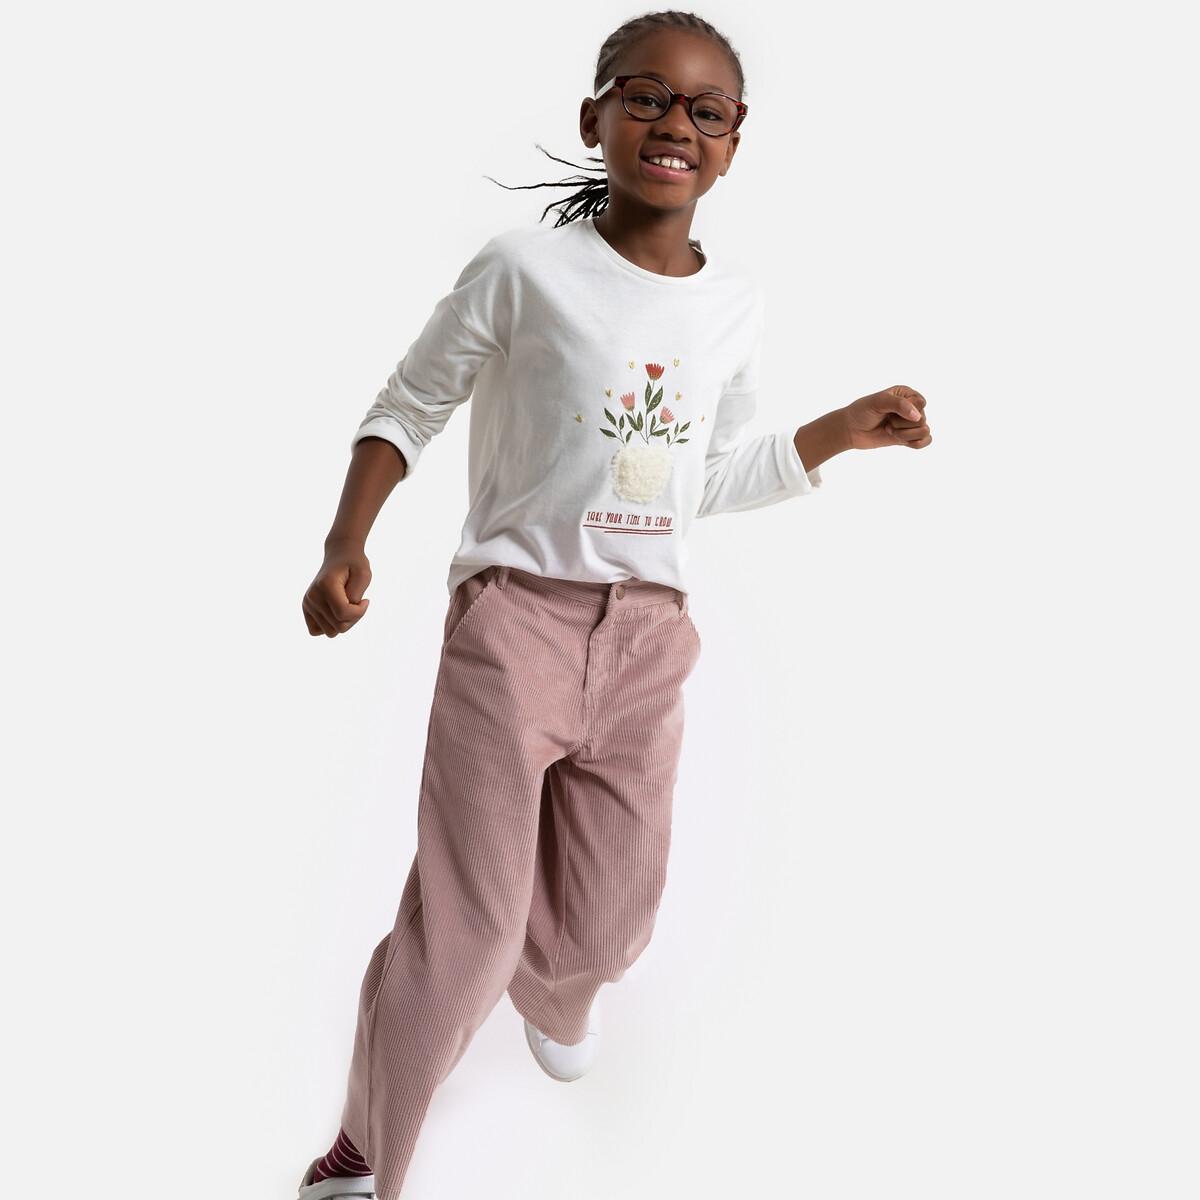 Брюки LaRedoute Широкие из велюра 3-12 лет 8 лет - 126 см розовый платье la redoute расклешенное на тонких бретелях с рисунком 3 12 лет 8 лет 126 см розовый